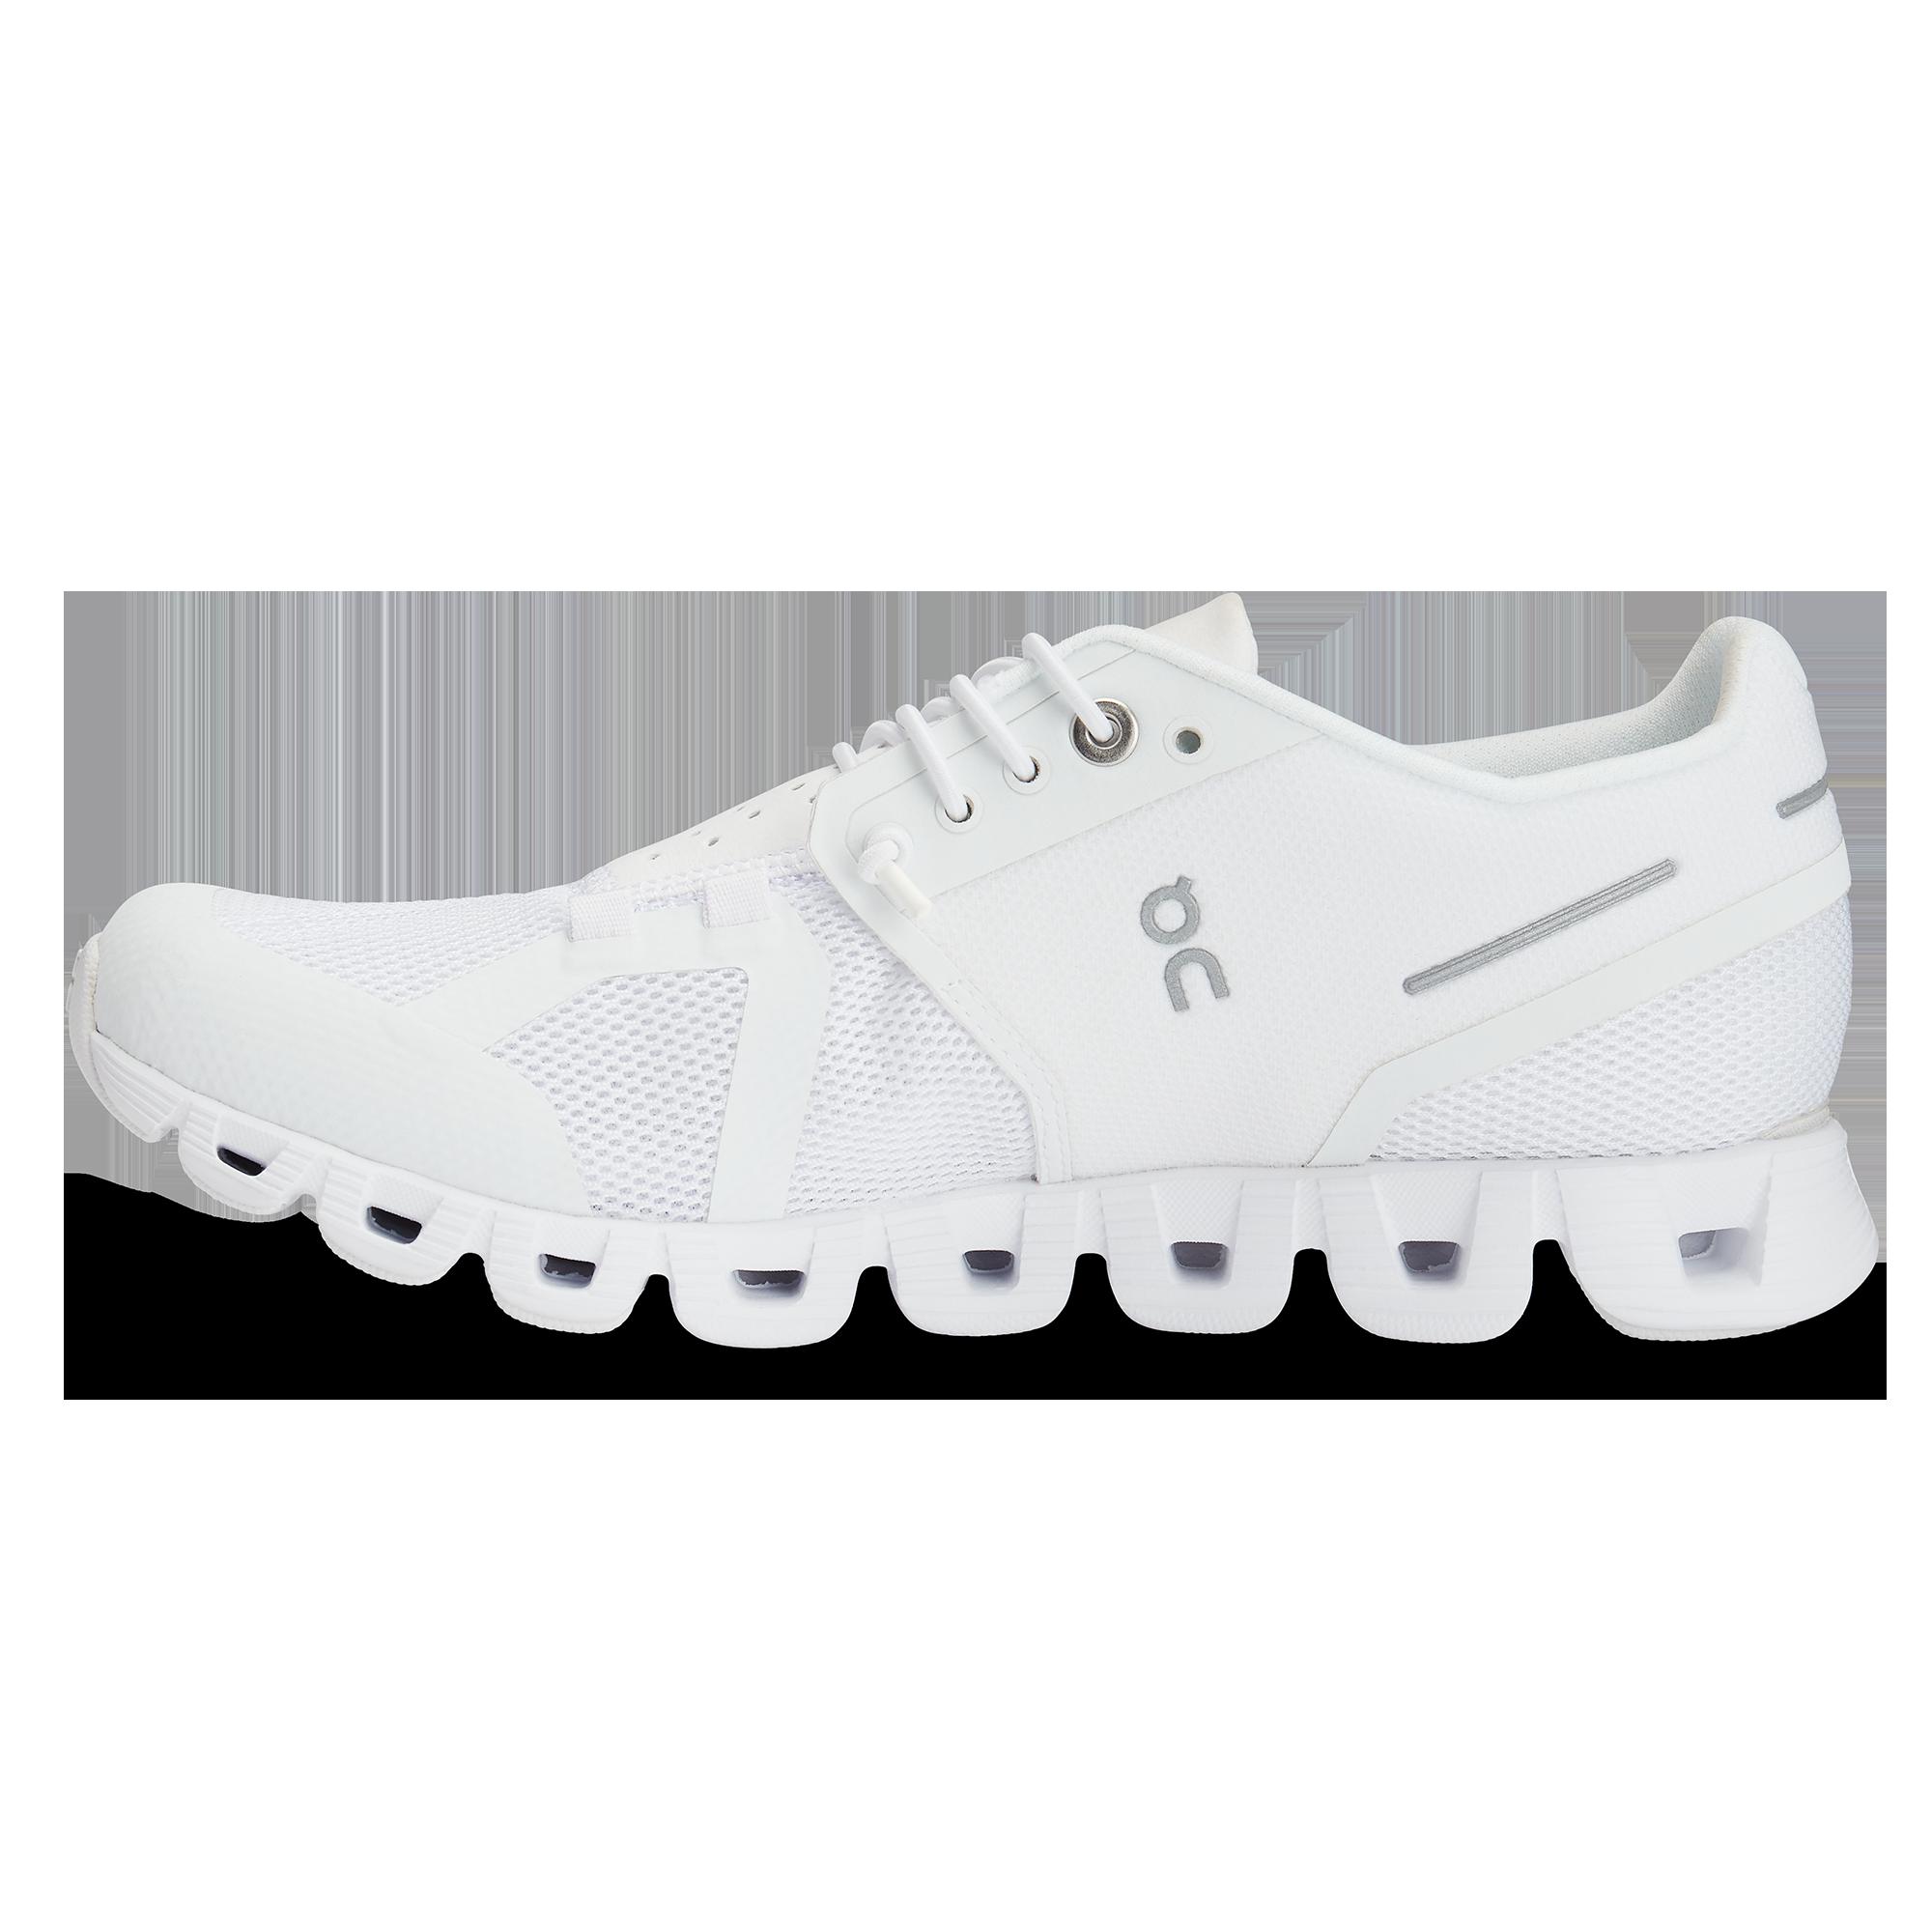 1e6367bde8847 Cloud - Lightweight Running Shoe   On